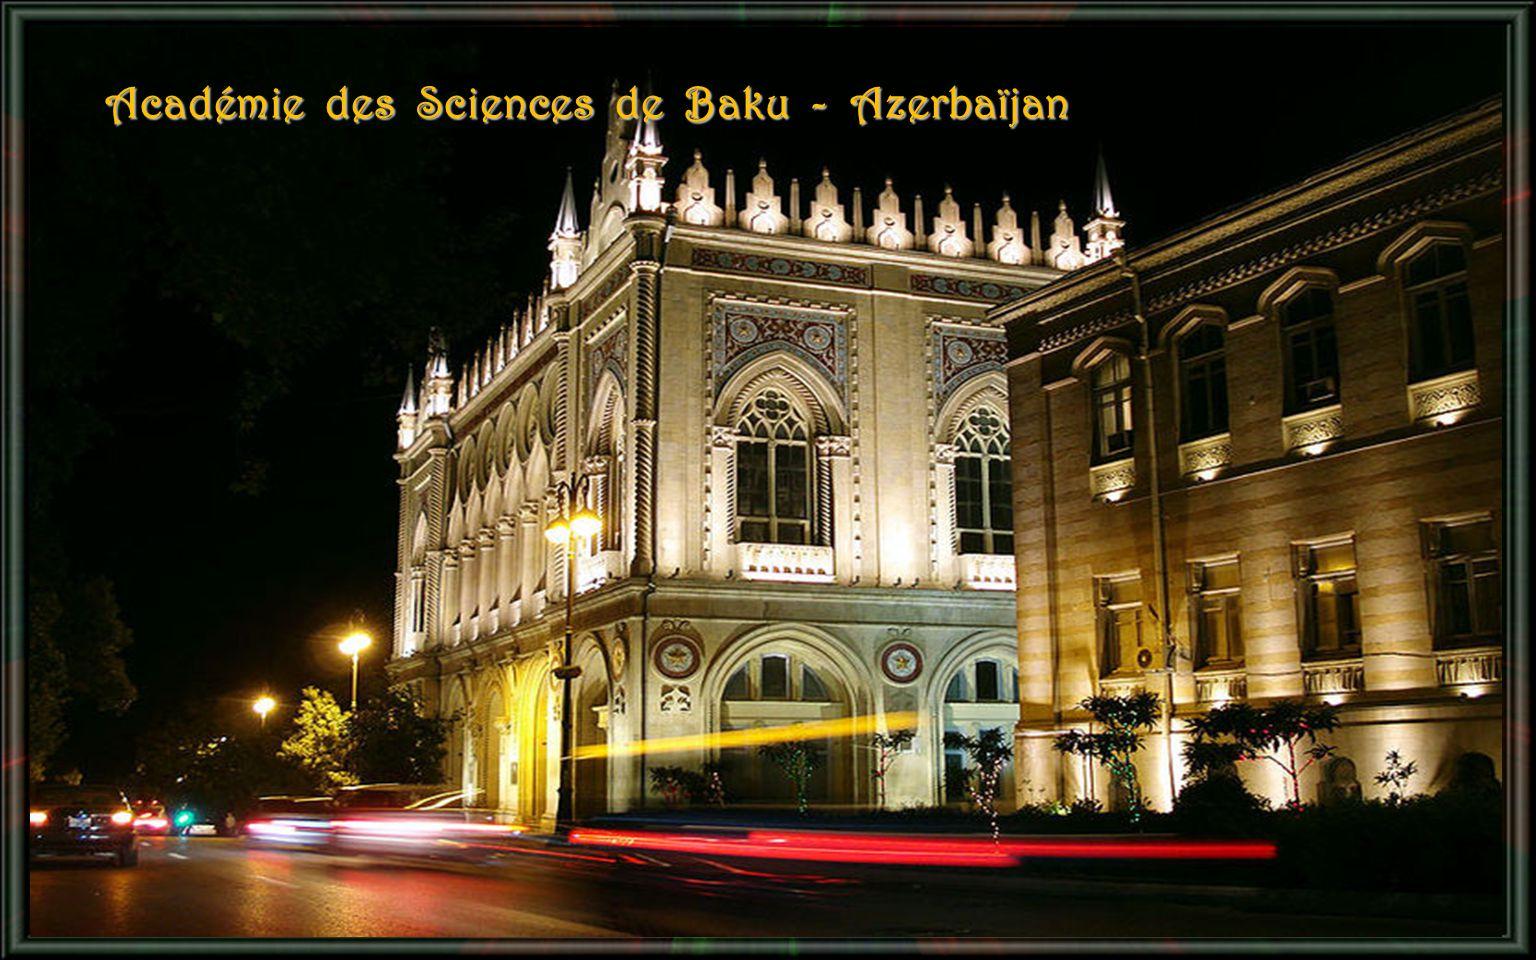 Académie des Sciences de Baku - Azerbaïjan